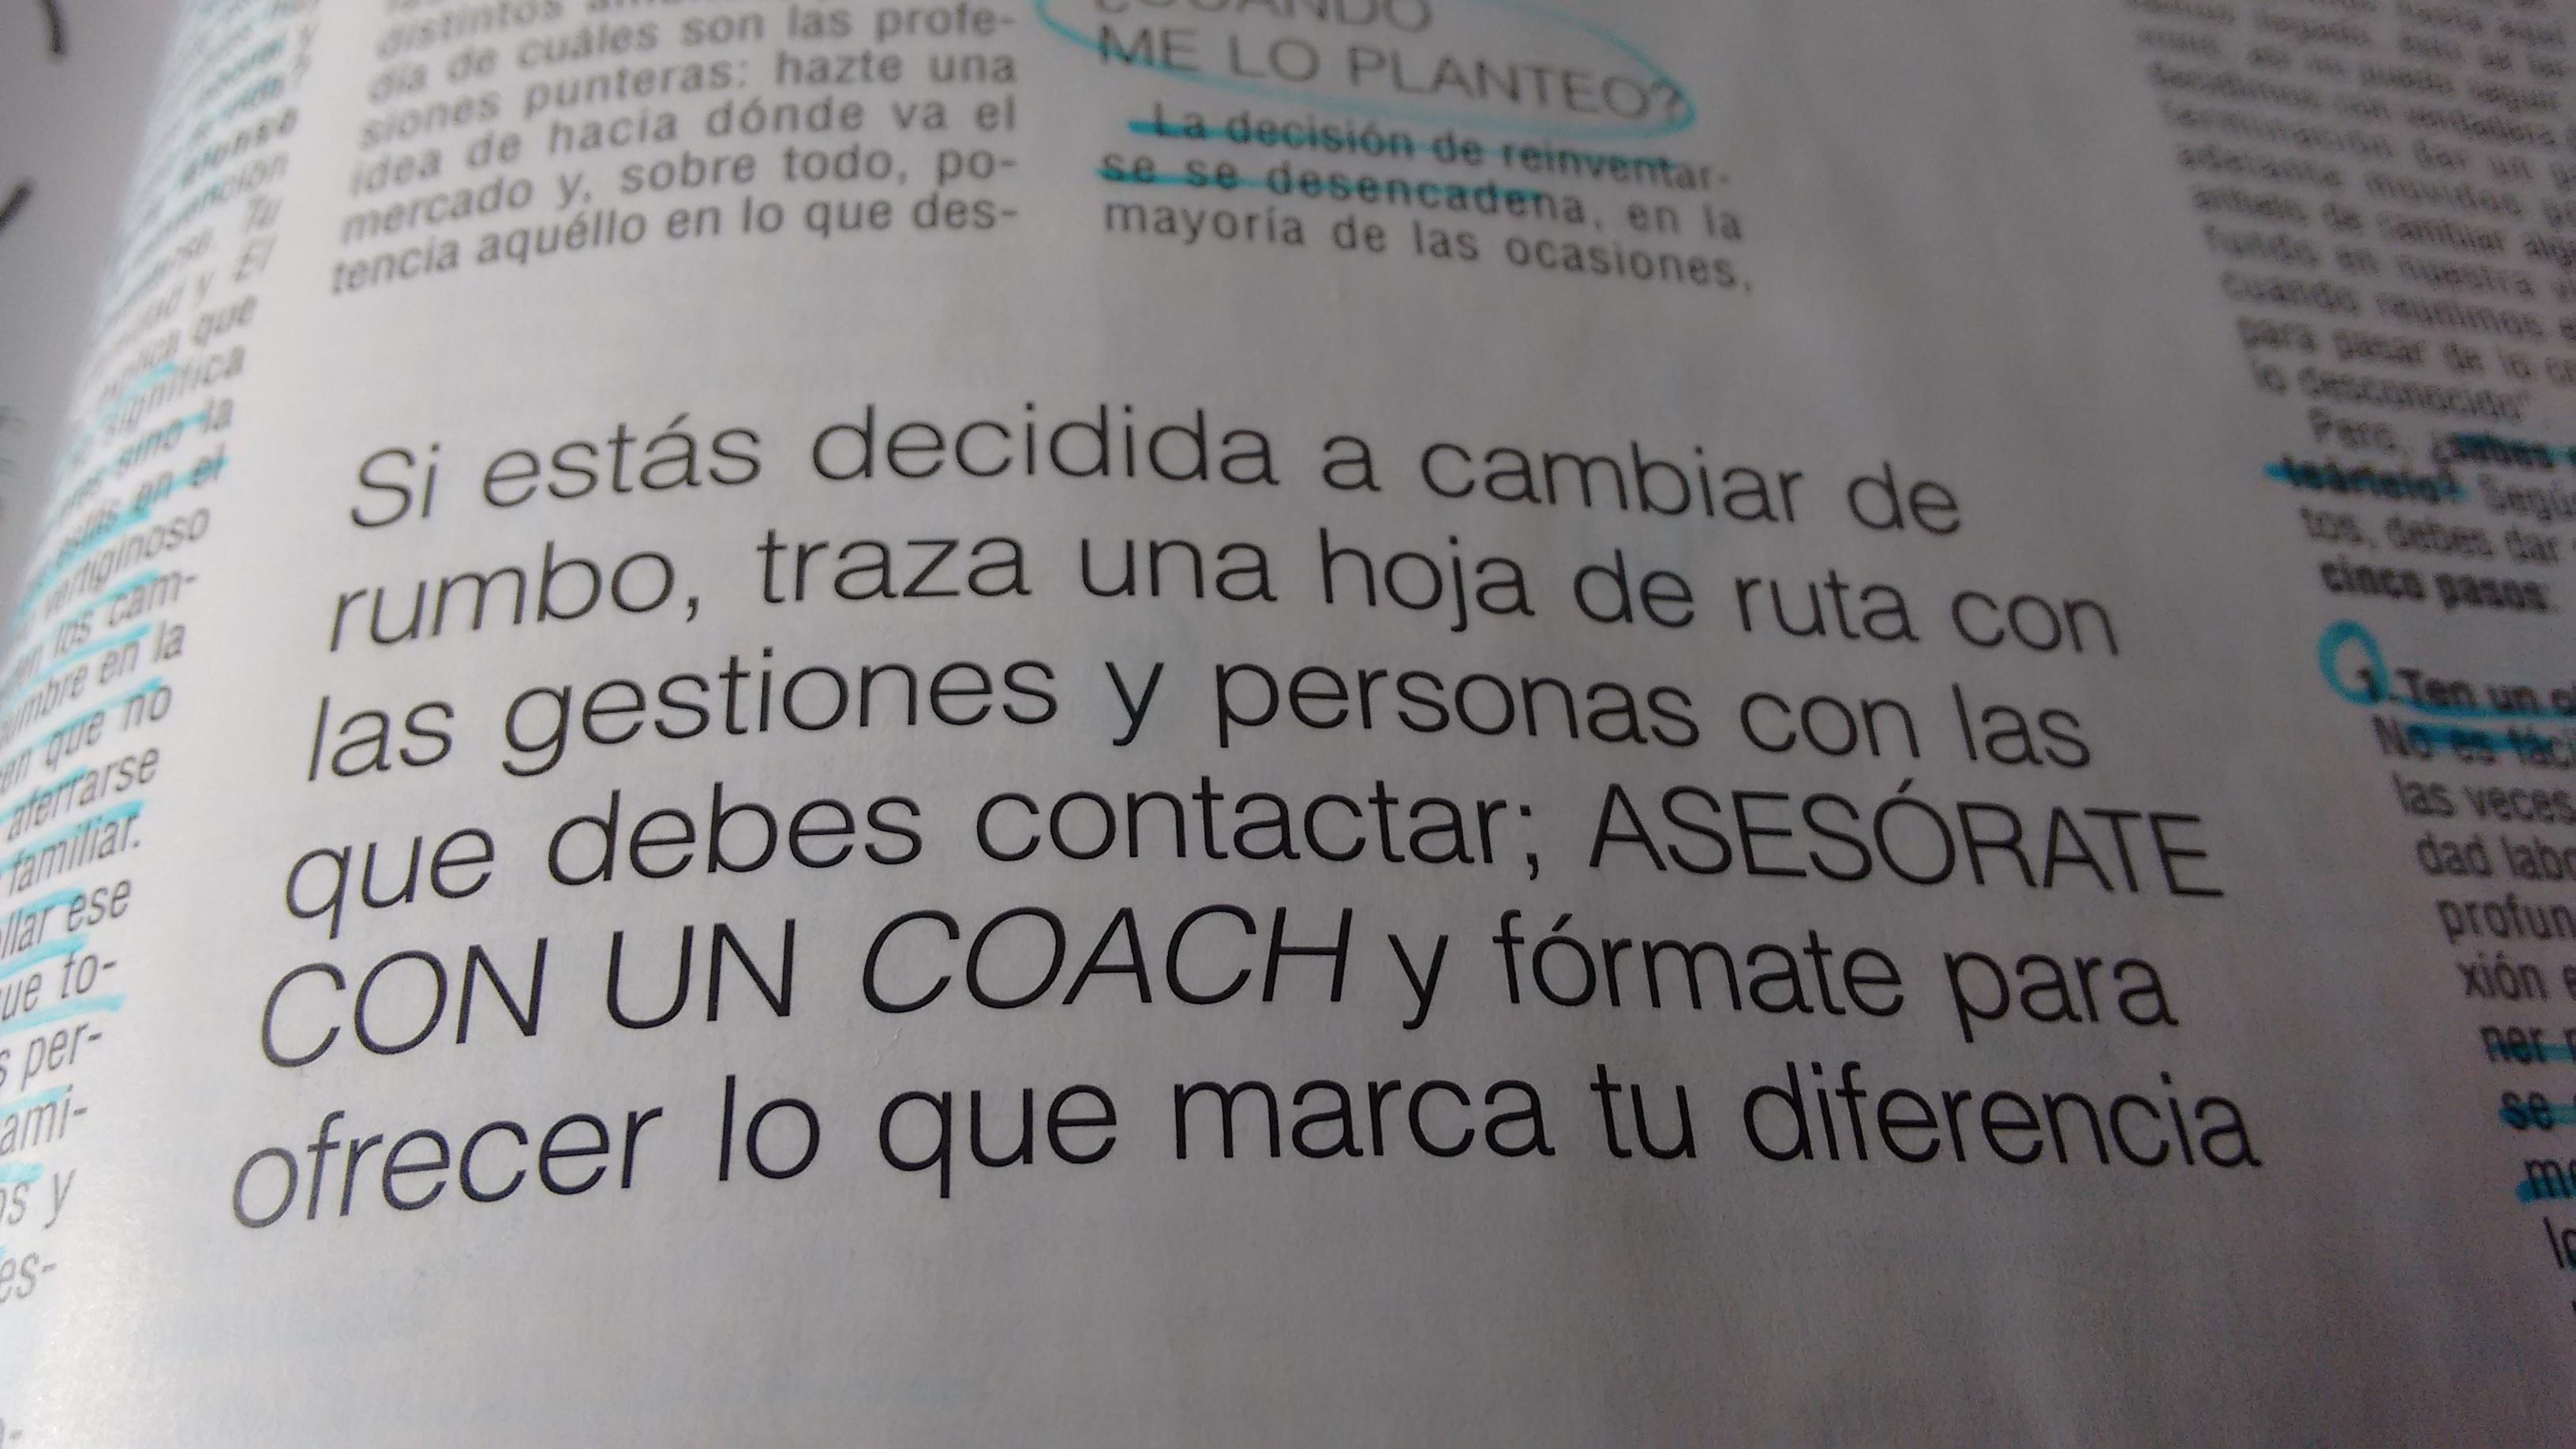 Primera parte. Reinventarse ¿o morir?. Asesórate con un coach. Artículo de la revista Telva en el número 911 de Marzo 2015